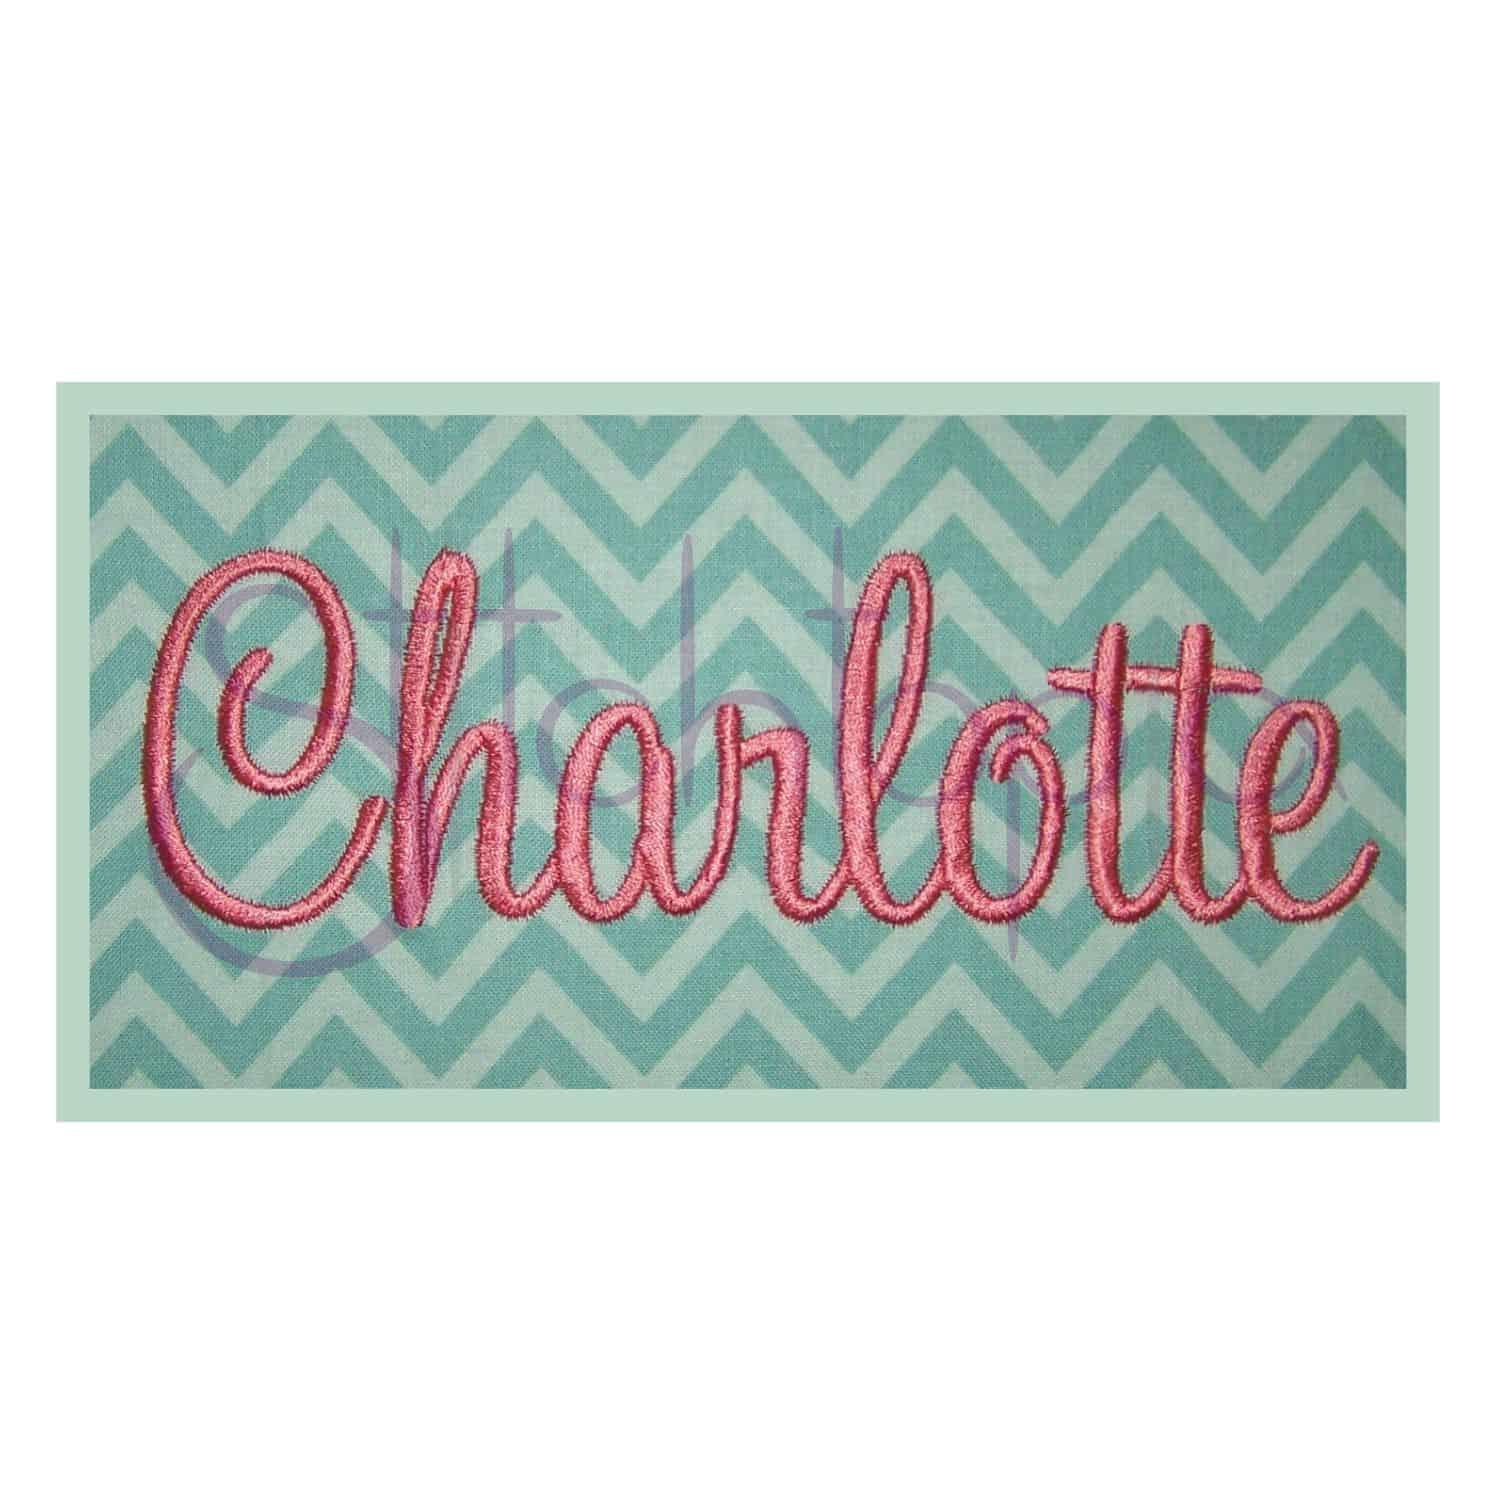 charlotte embroidery font set 1 quot 1 5 quot 2 quot 2 5 quot 3 quot stitchtopia